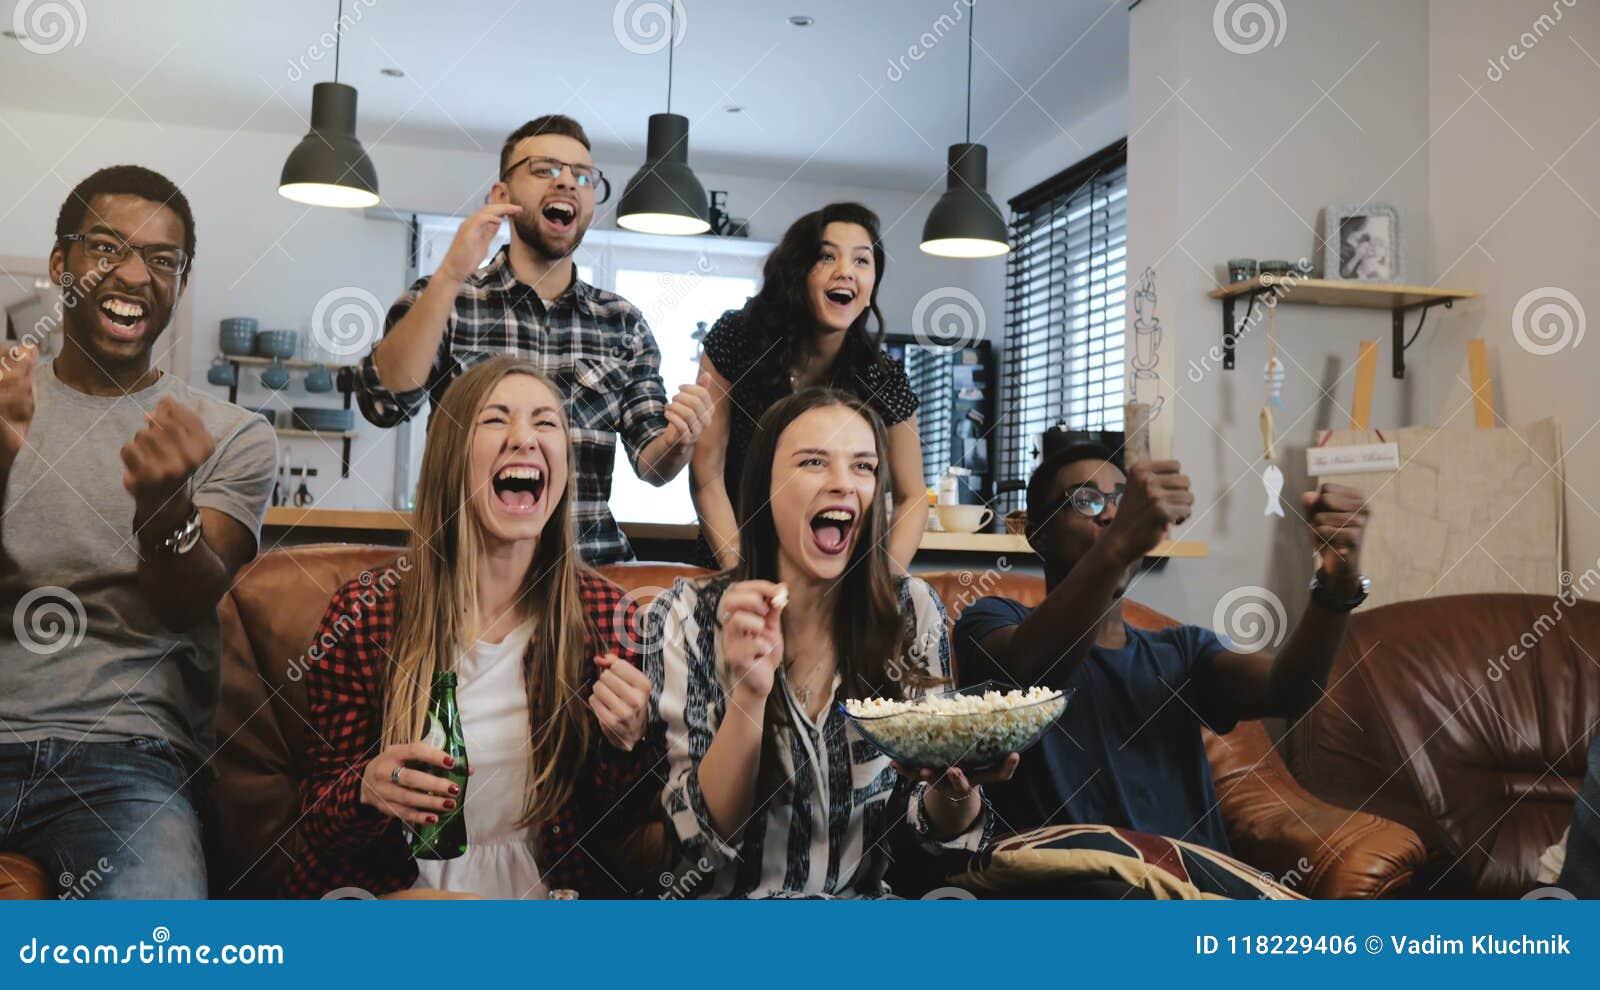 Interkulturelles Gruppenuhrsportspiel im Fernsehen Leidenschaftliche Anhänger feiern Ziel mit Getränken Abschluss der Zeitlupe-4K